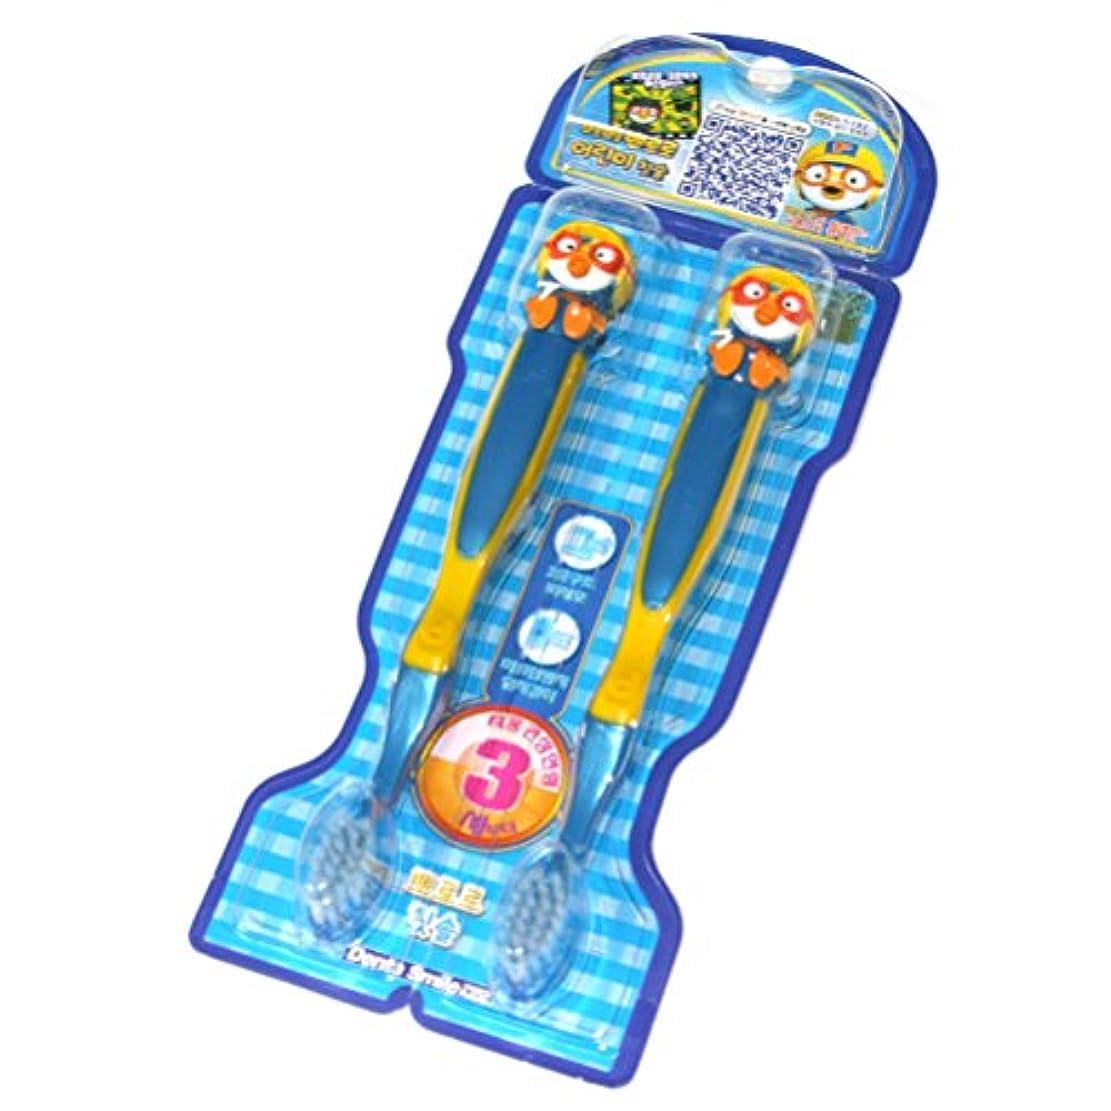 侮辱シェルター意味のあるPORORO Toothbrush For Kids 2ea set (PORORO) ポロロ 子供用 歯ブラシ2ea set (ポロロ ) [並行輸入品]